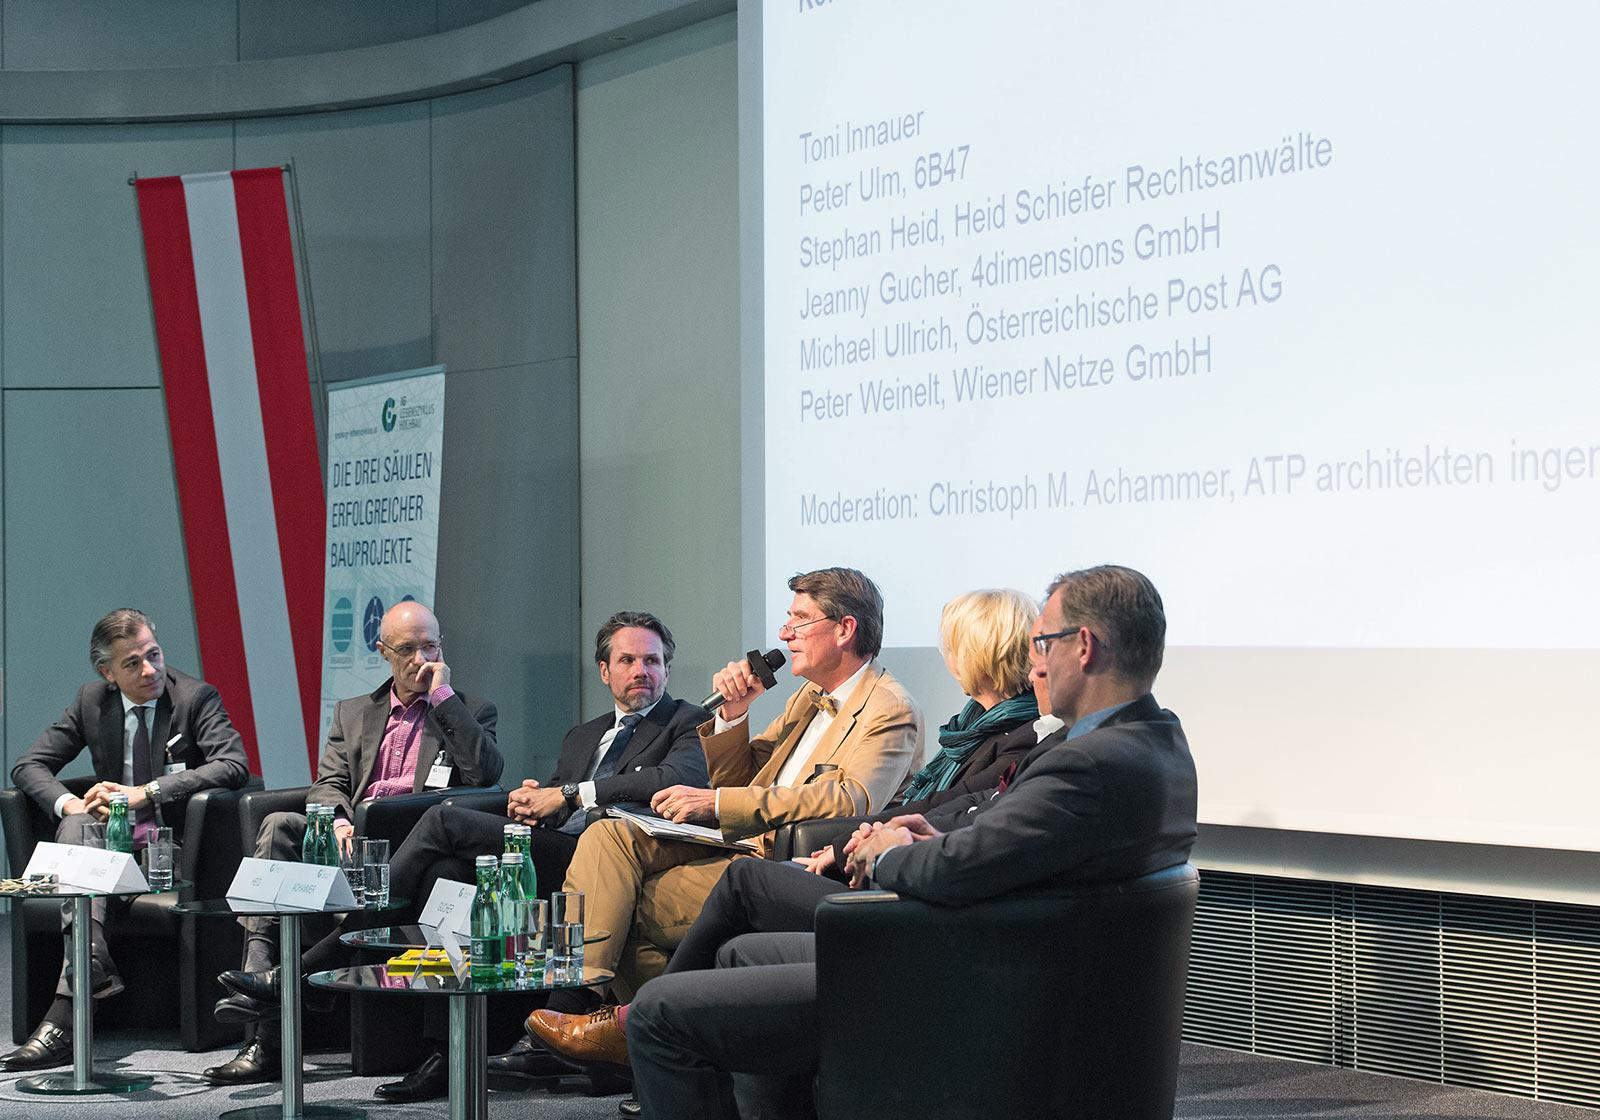 """ATP CEO Univ.-Prof. Christoph M. Achammer moderiert die Podiumsdiskussion zum Thema """"Konfrontation oder Kooperation? Was geht in der Bauwirtschaft?"""" Foto: Leo Hagen"""